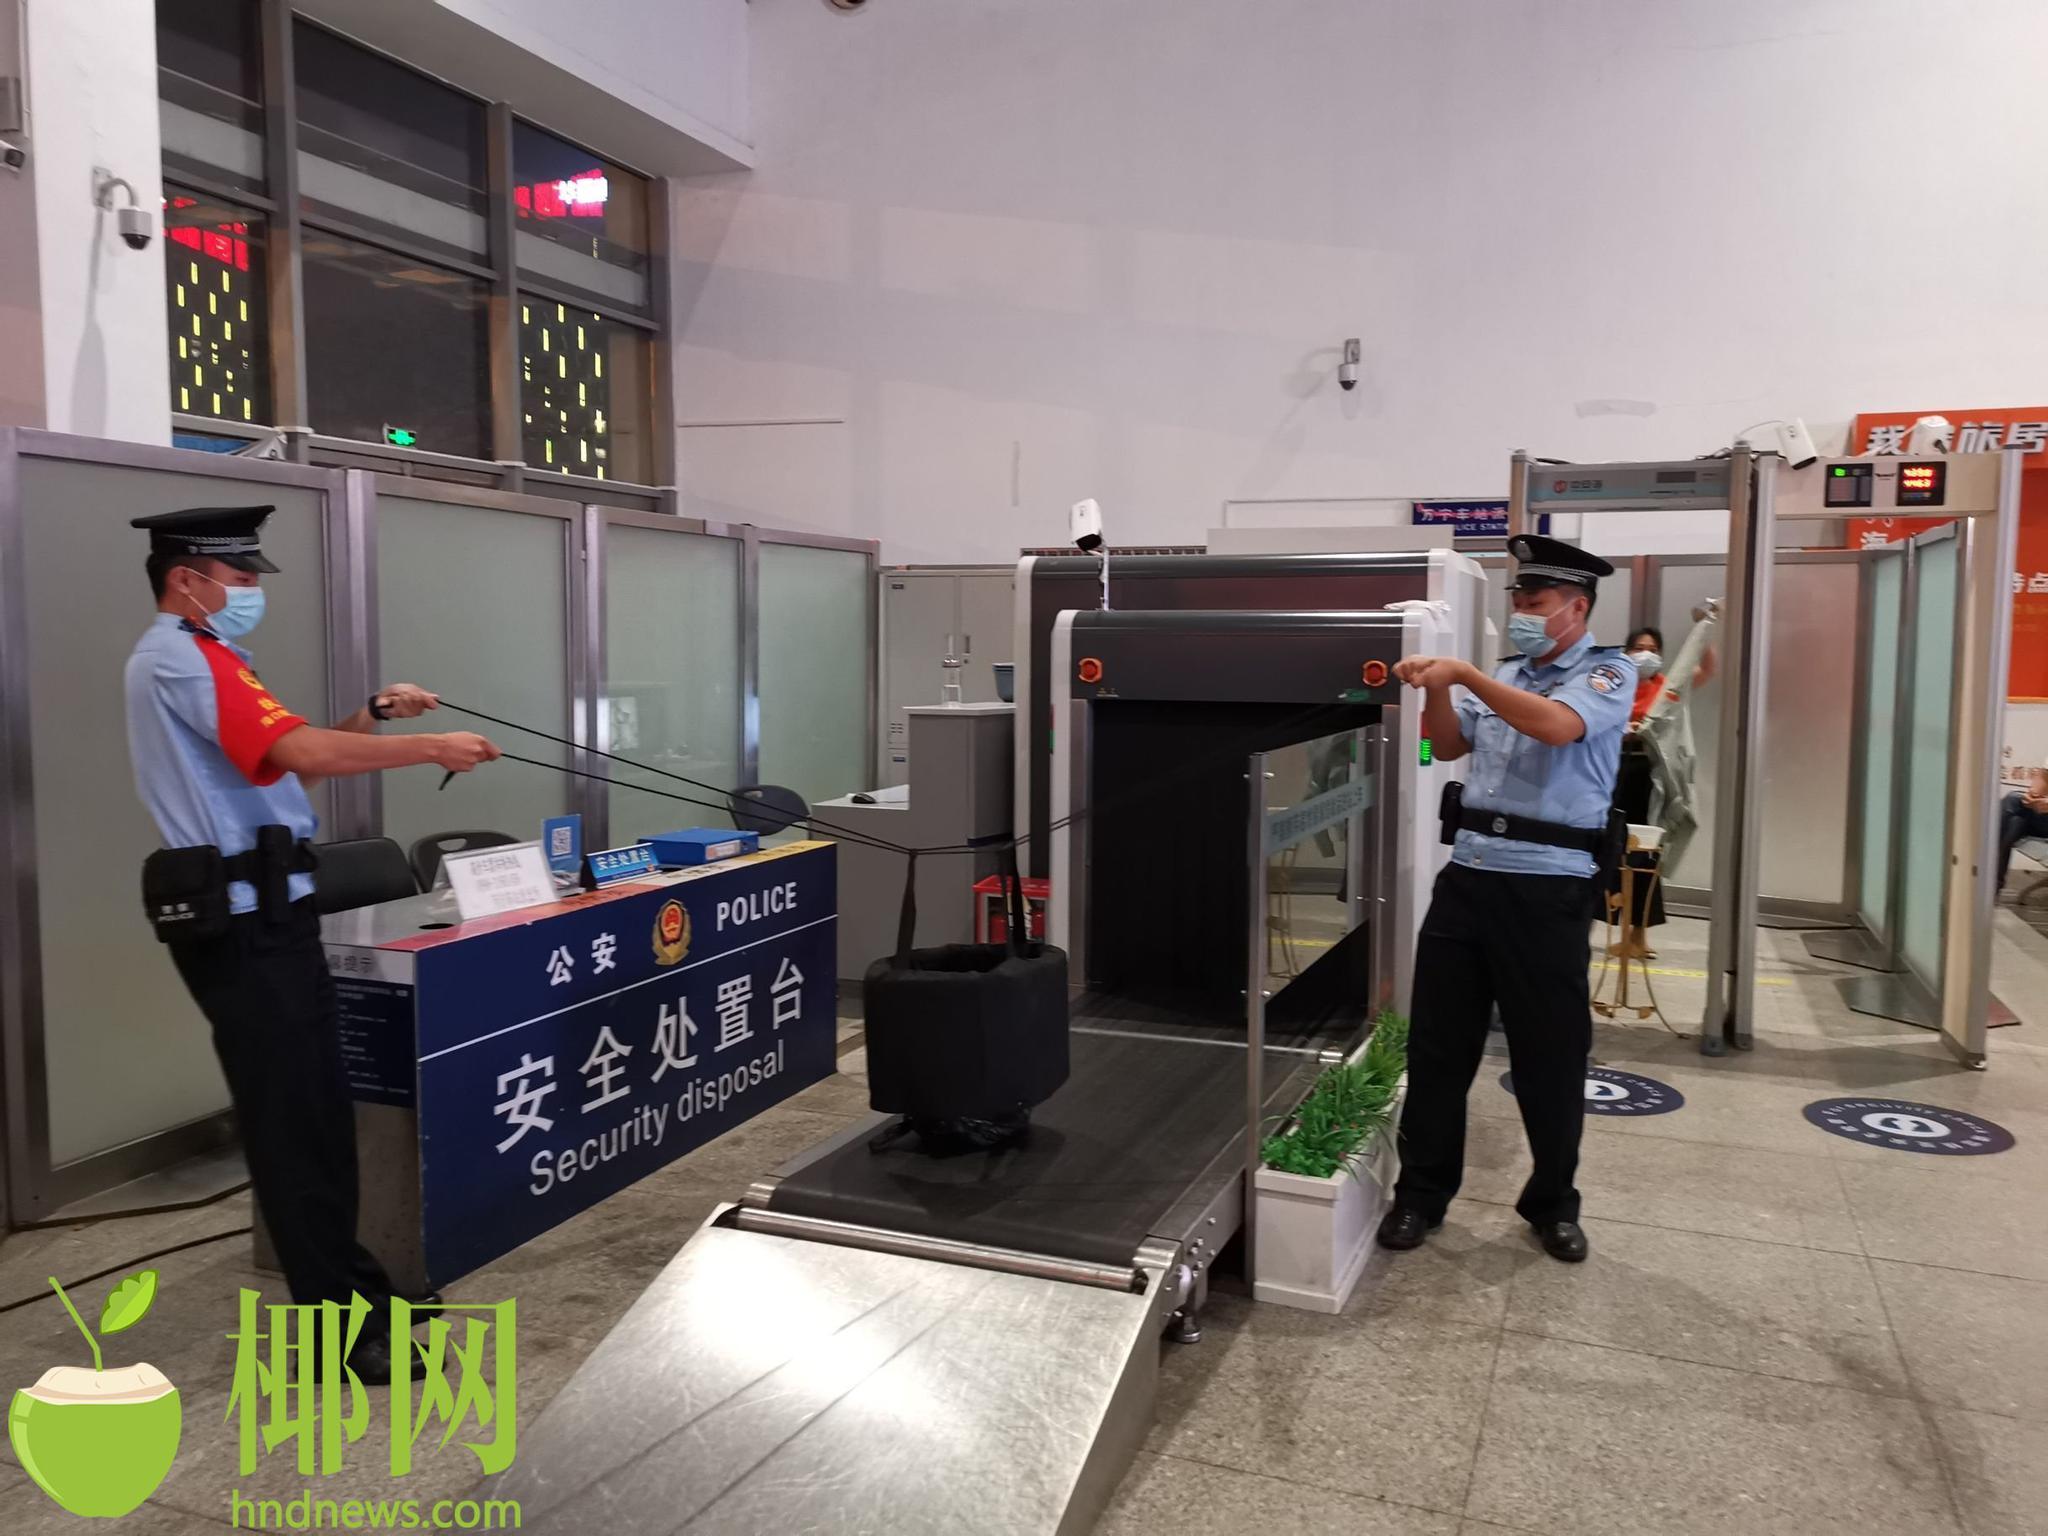 有嫌疑人携带爆炸物进入万宁站候车室引爆?别慌!这是演练!